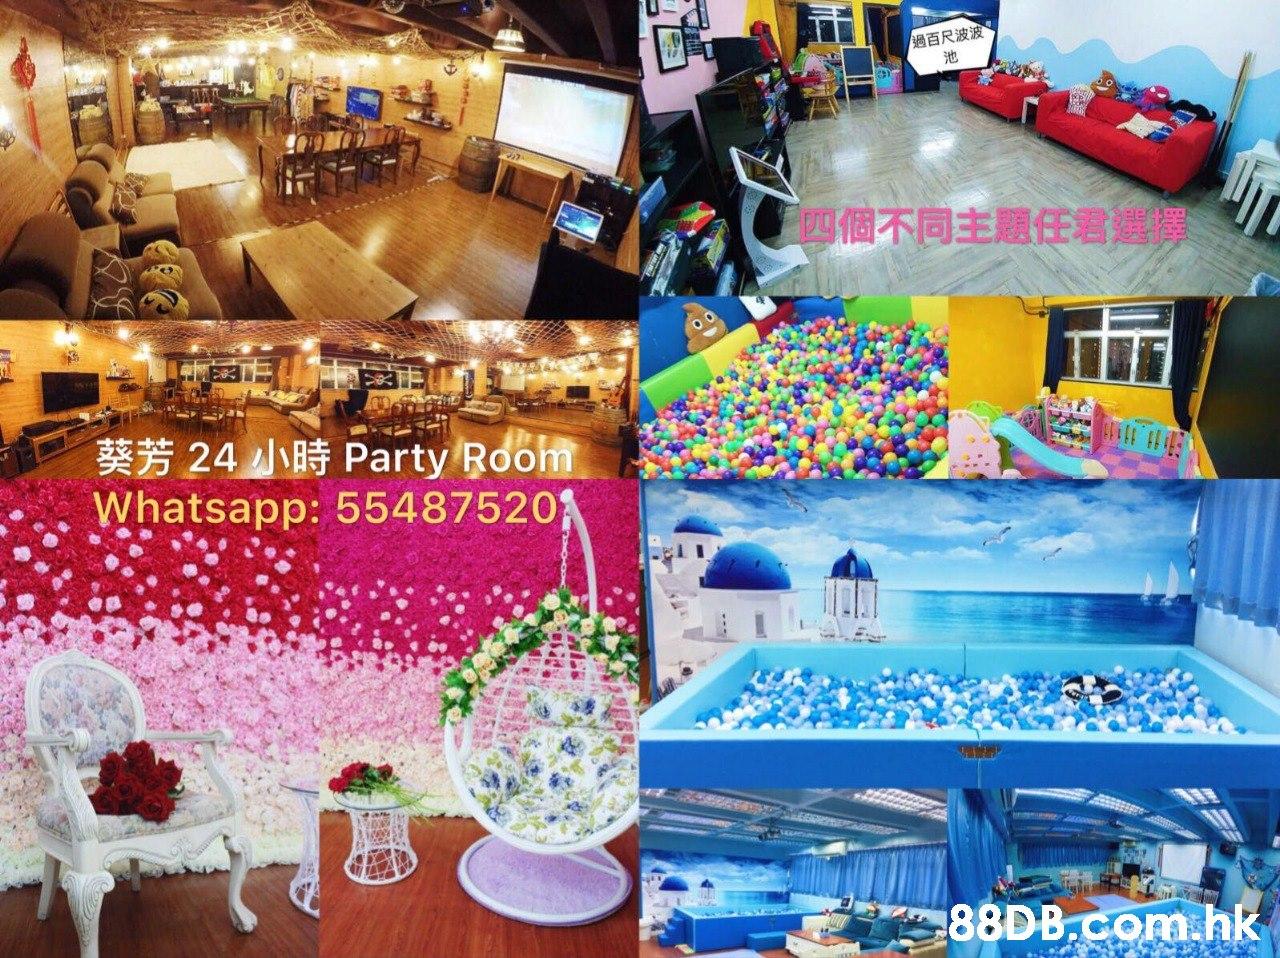 過百尺波波 池 四個不同主題任君選擇 葵芳24 小時Party Room Whatsapp: 55487520 .hk  Balloon,Font,Textile,Toy,